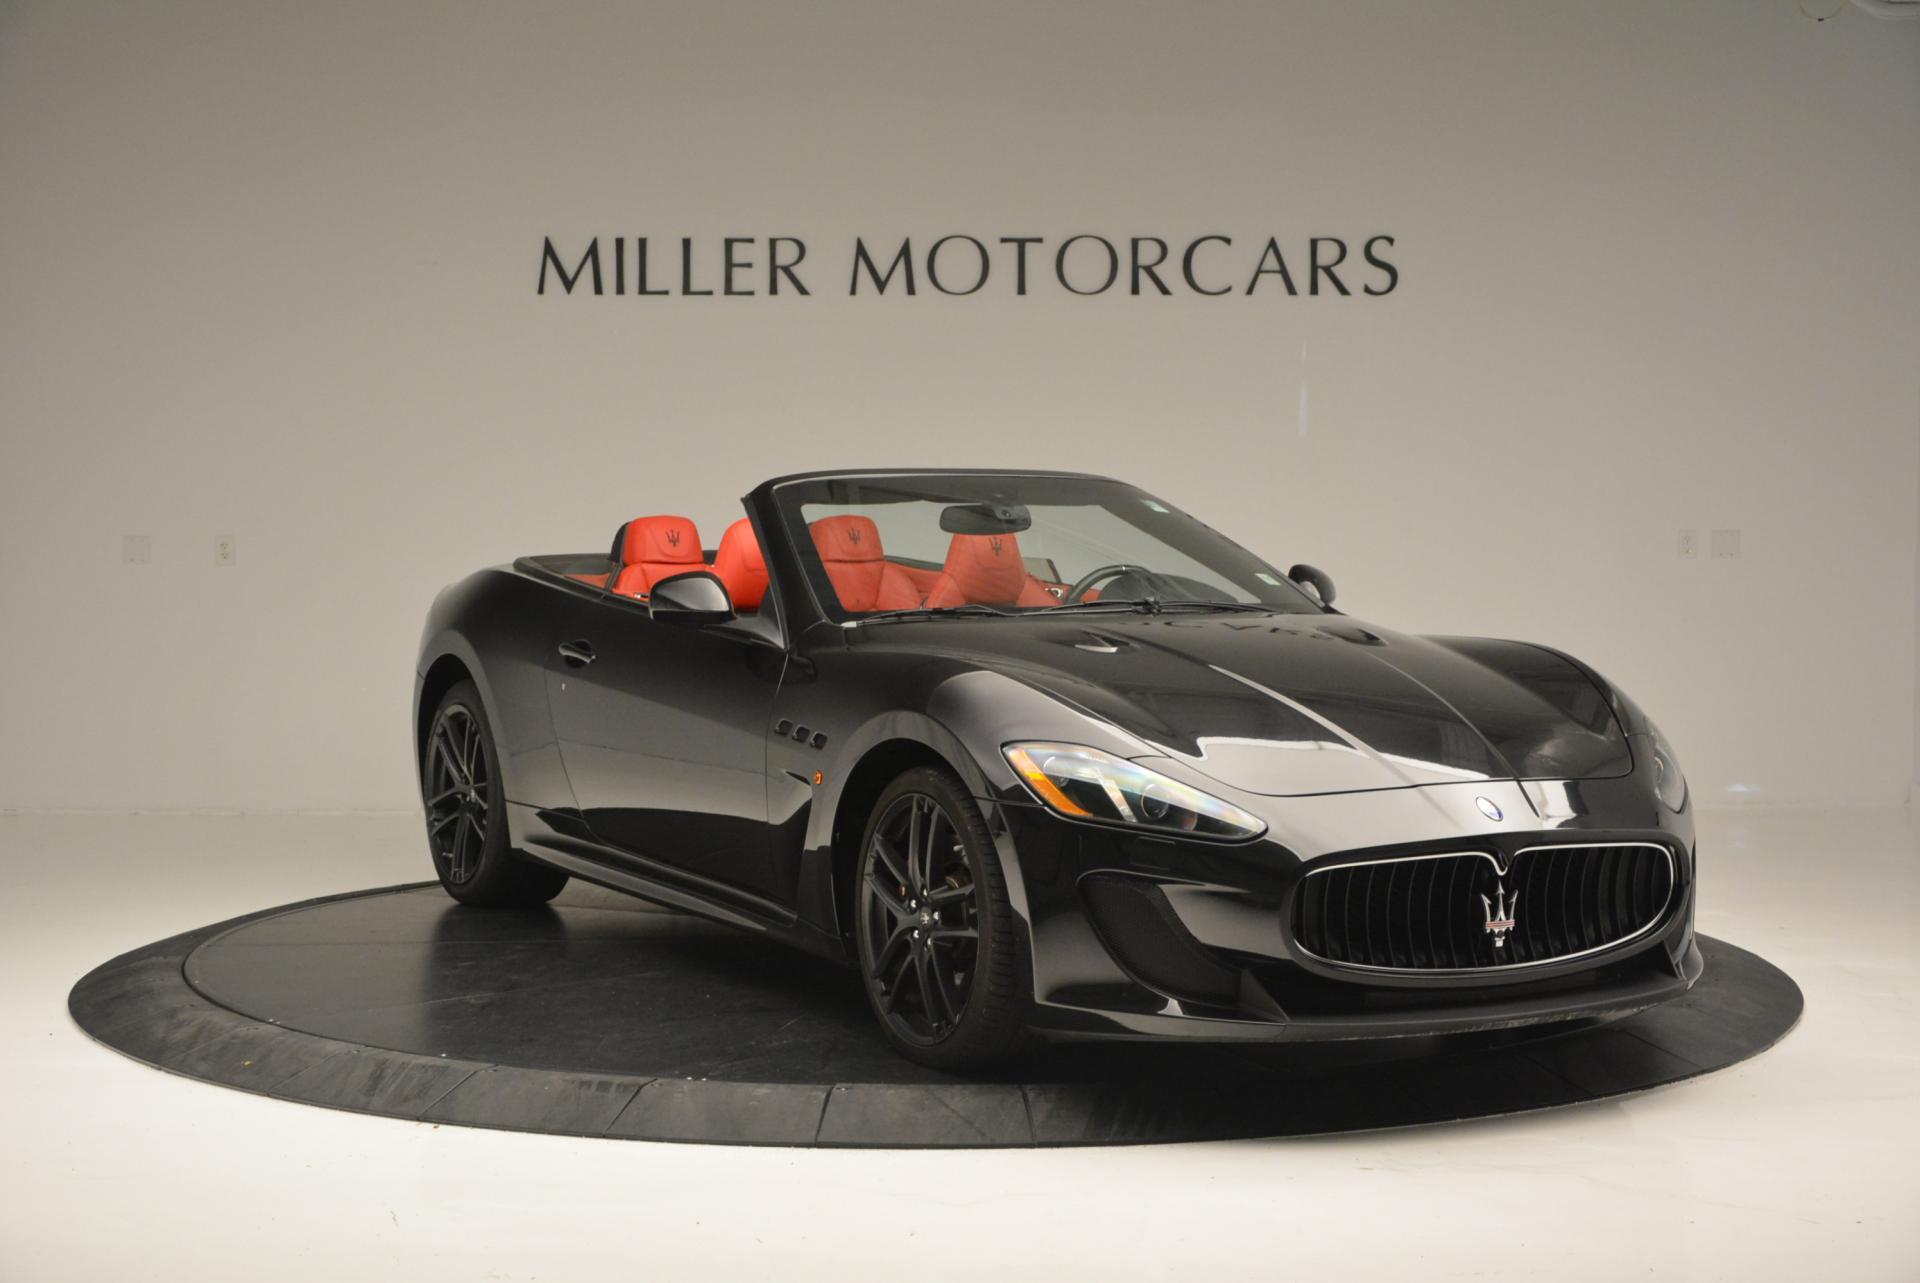 Used 2013 Maserati GranTurismo MC For Sale In Greenwich, CT 521_p11